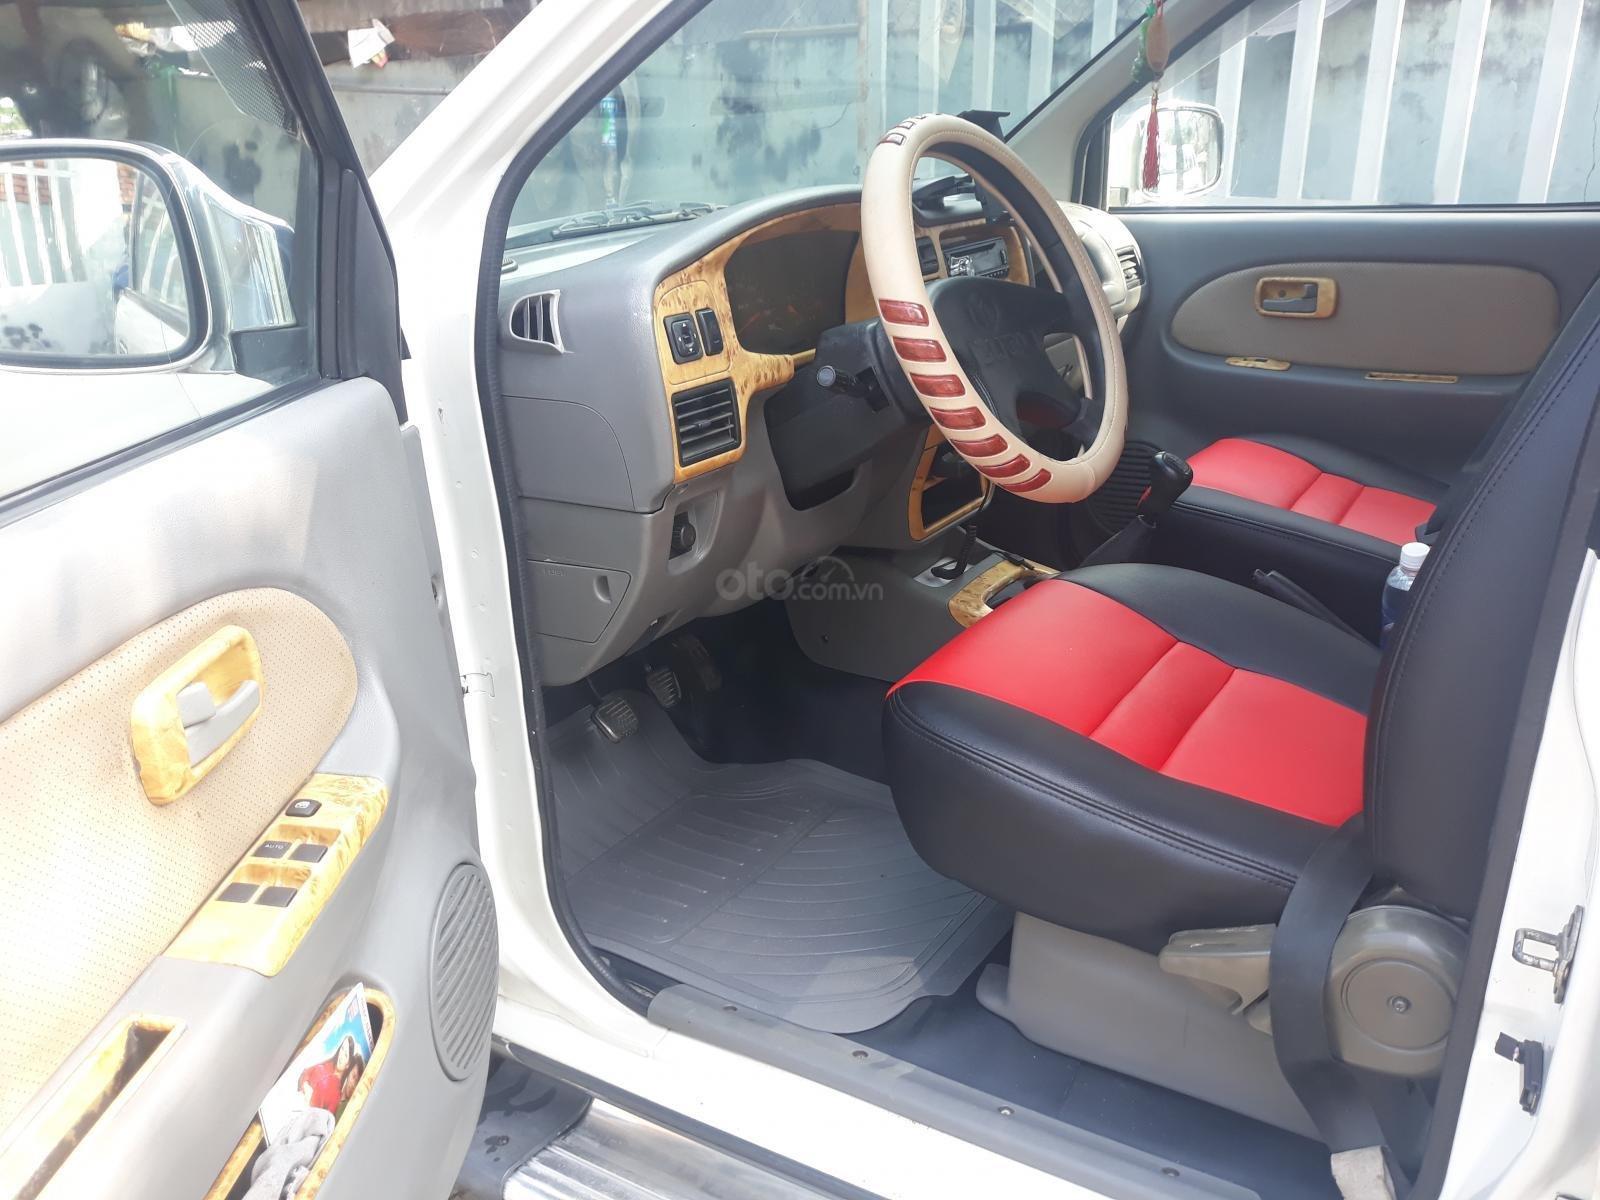 Cần bán xe Isuzu Hi lander đời 2007, màu trắng giá chỉ 250 triệu đồng (5)